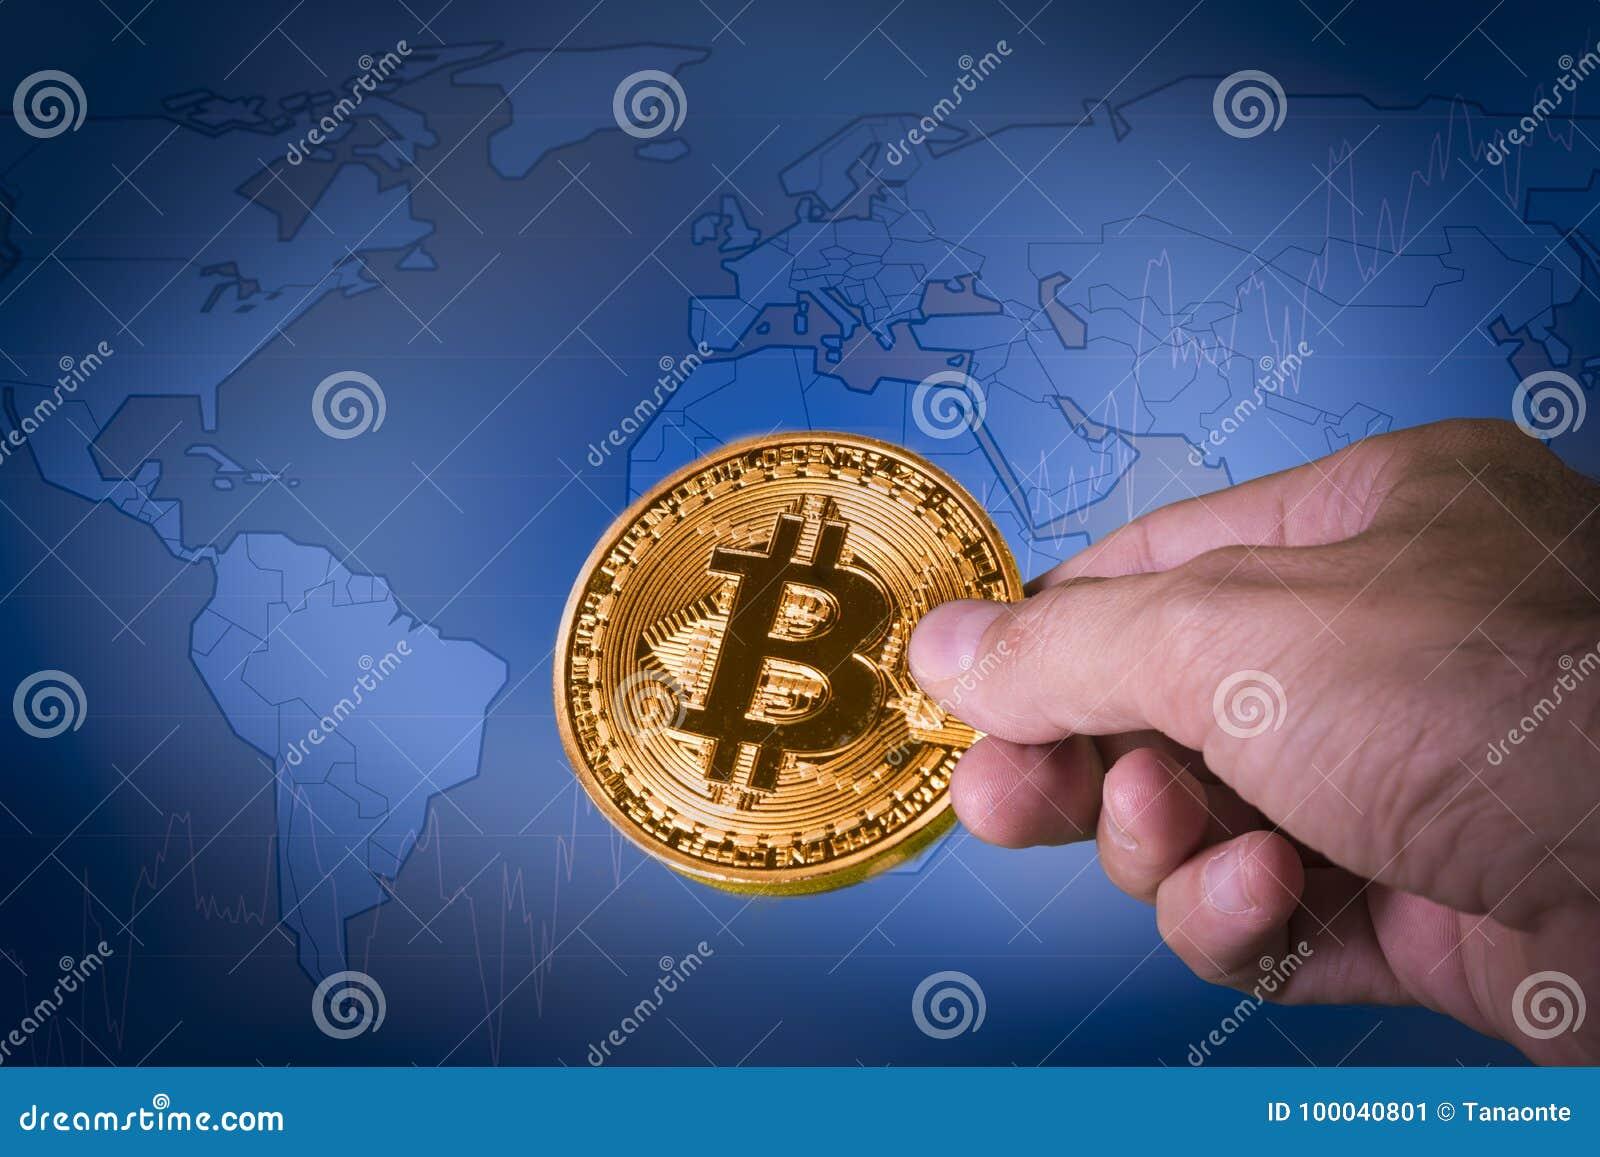 Финансовая концепция роста с золотой картой мира ona Bitcoins